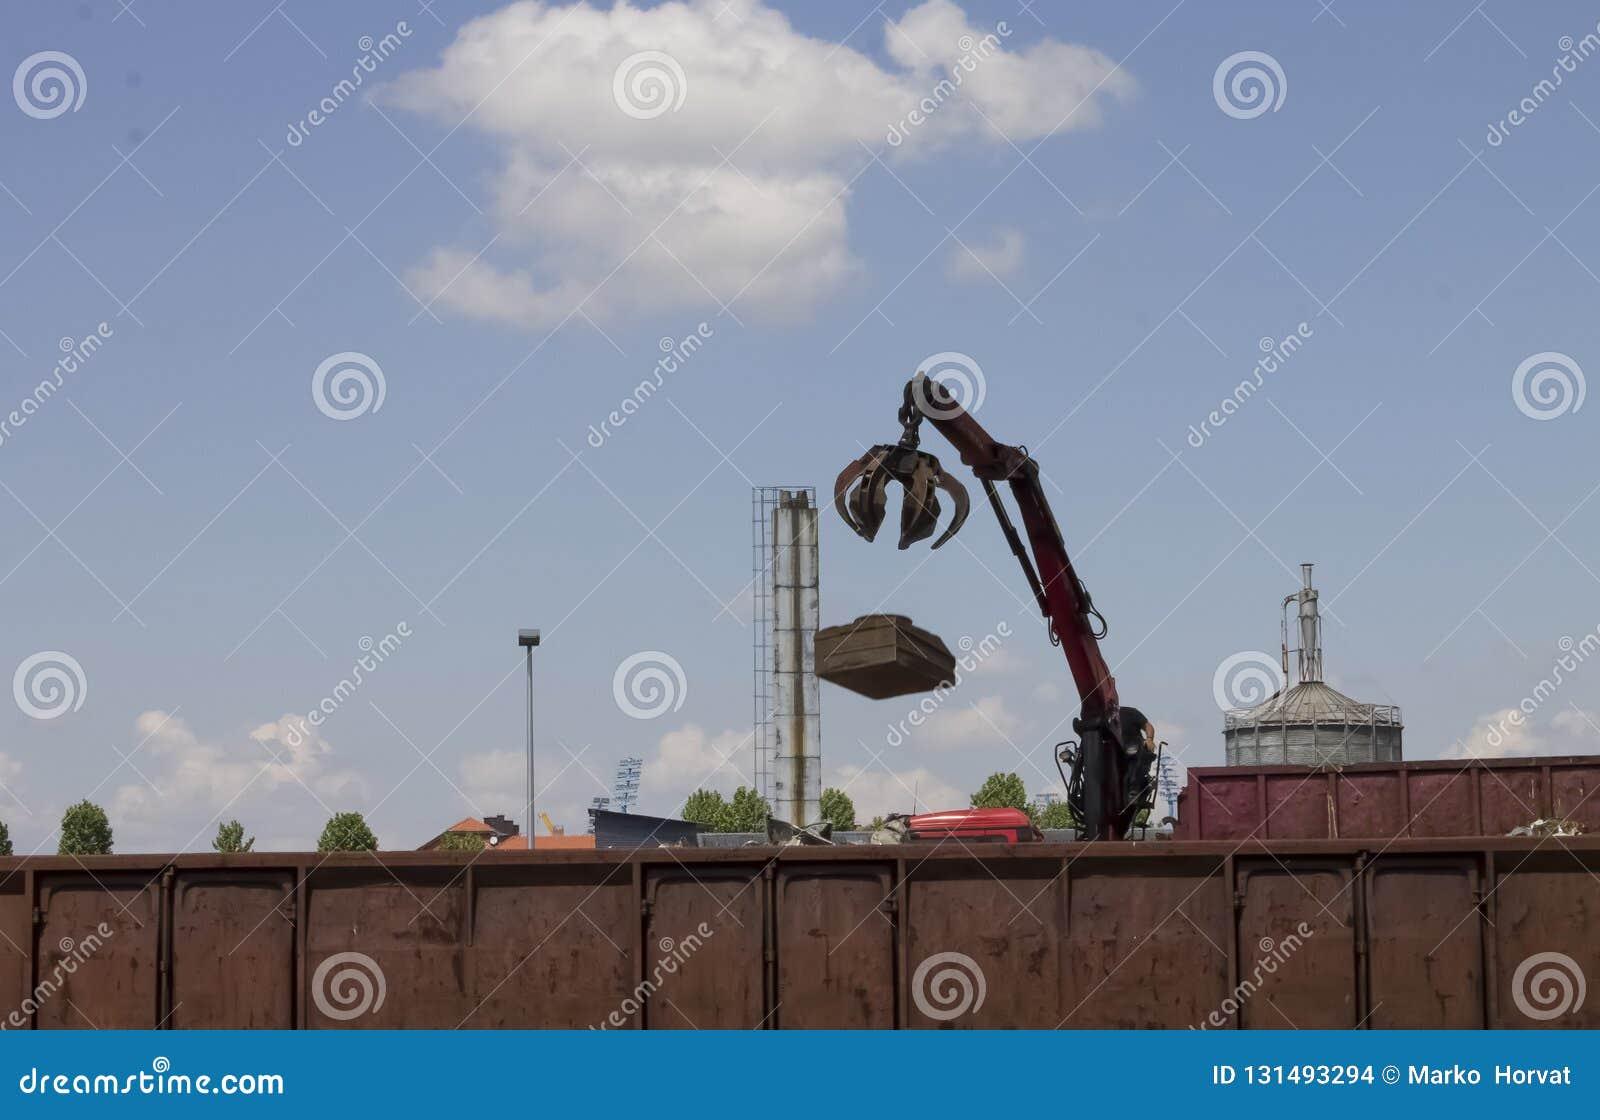 Werfende Industrieabfälle des roten Kranes Metallin einen Zugbehälter am Bahnhof  Kamin